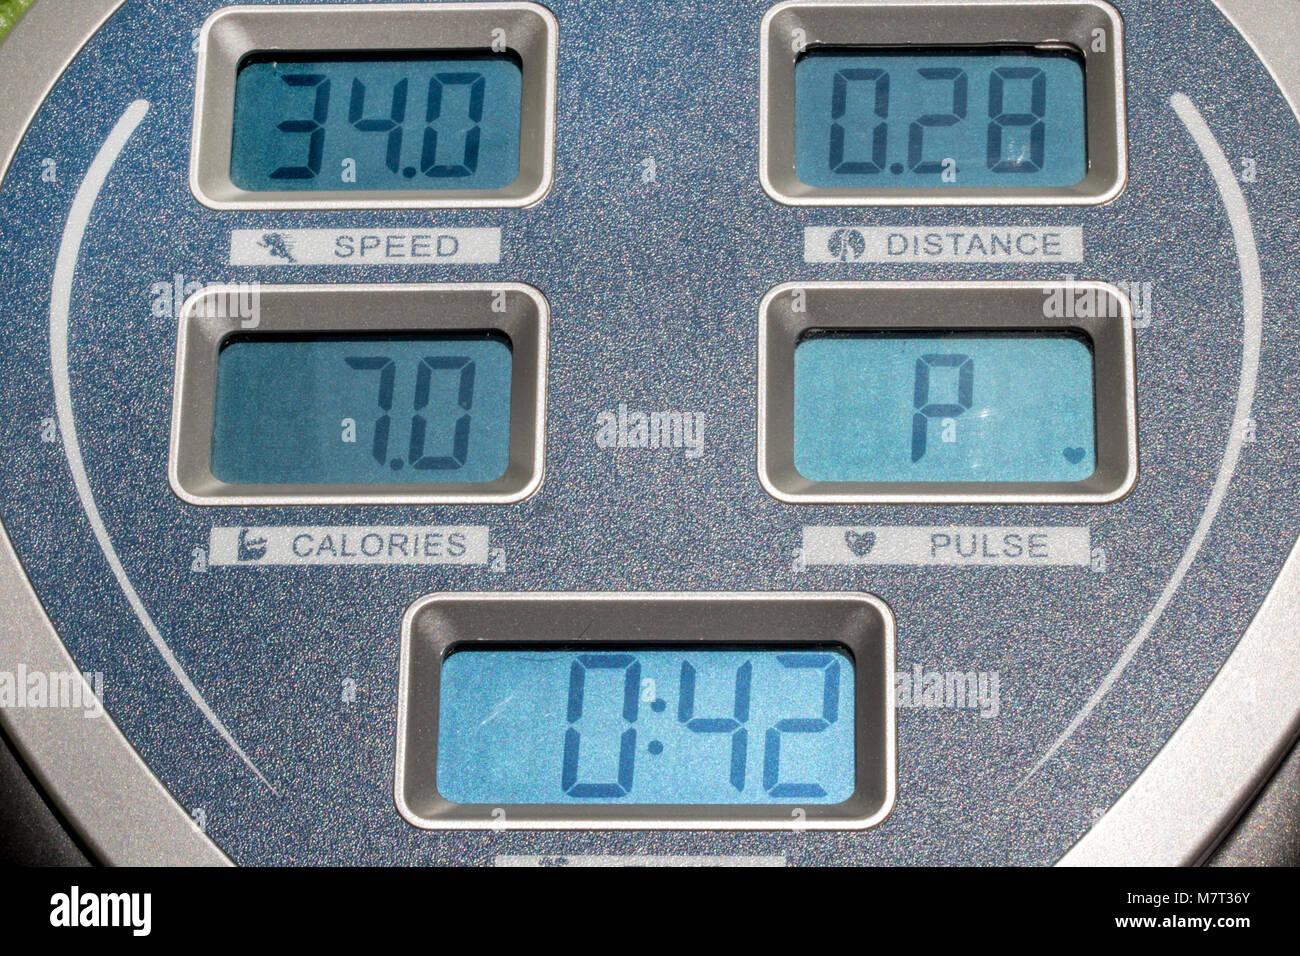 Le panneau d'affichage sur la machine d'exercice. L'écran affiche vitesse, temps, distance et calories Photo Stock